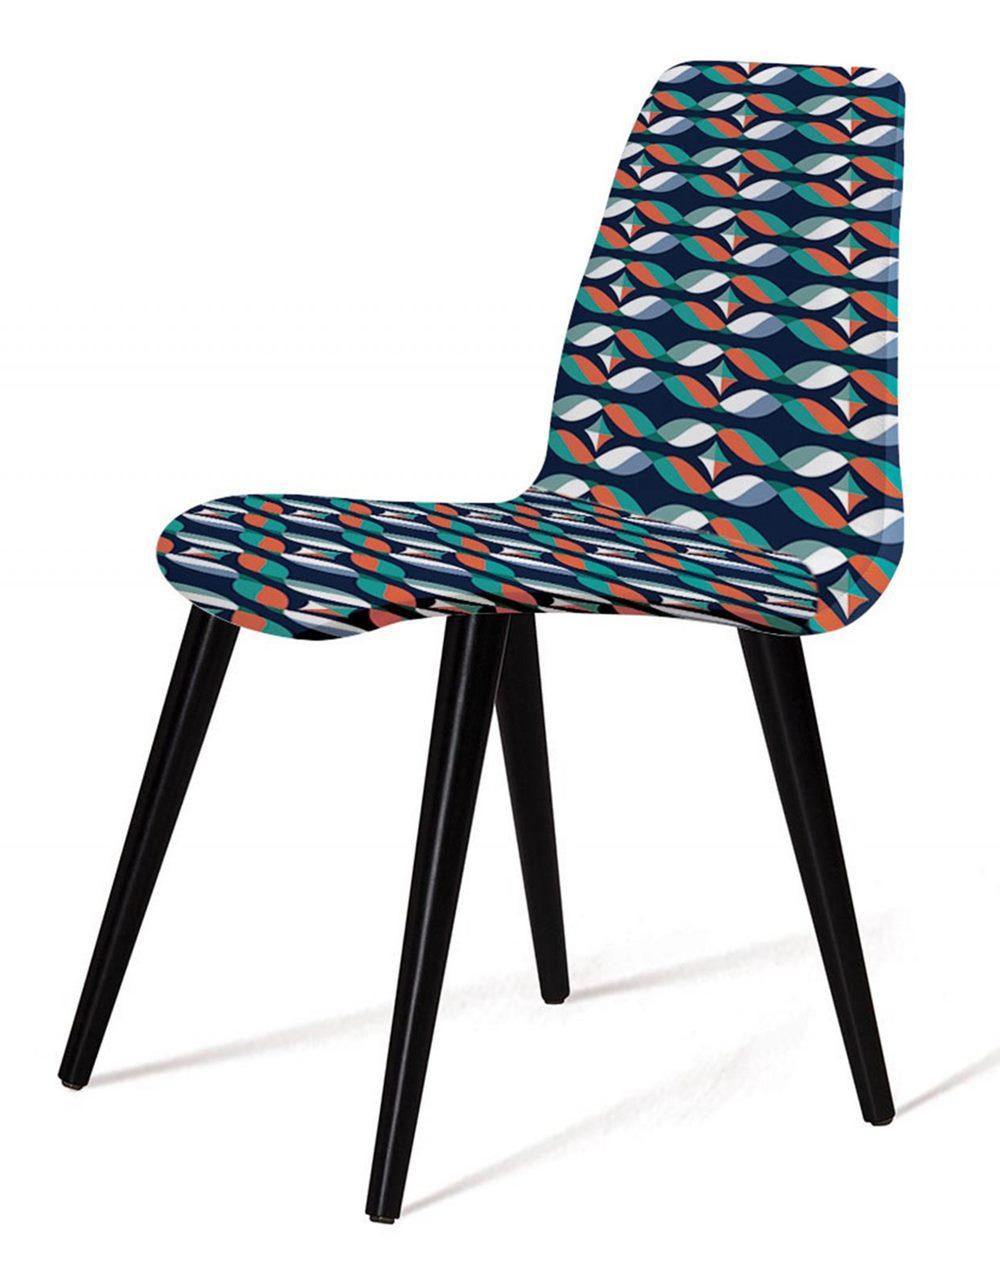 Cadeira Estofada Jacob Estampa Geo Gre Pes Palito Preto - 49531